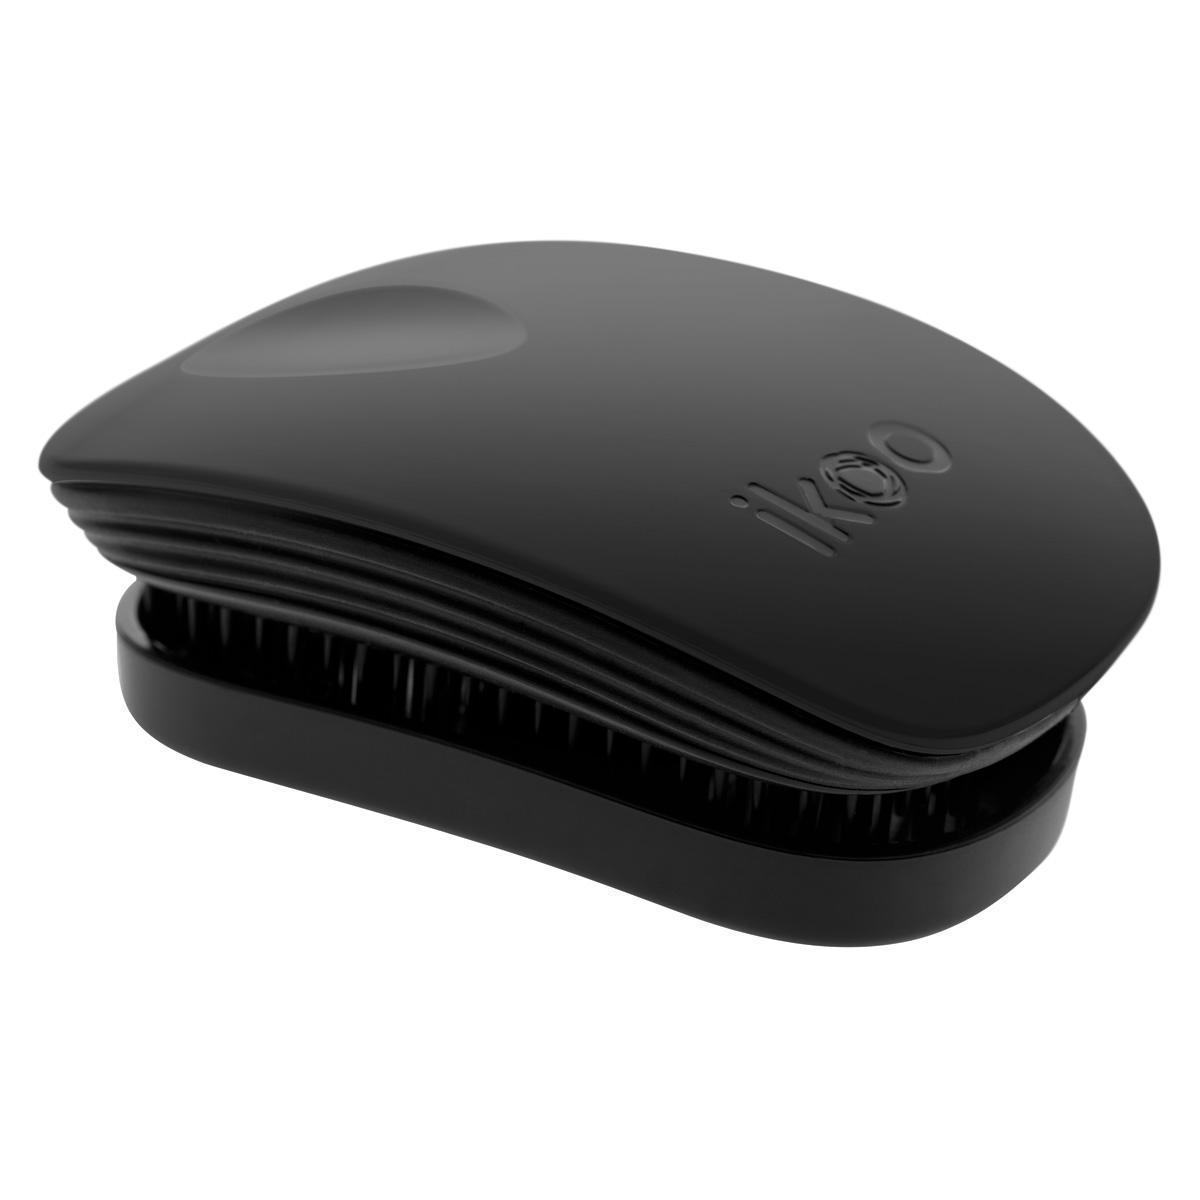 Ikoo Расческа-детанглер Pocket Classic Black90030ikoo Pocket – расческа для тех, кто всегда в движенииЕсли Вы не хотите упускать шанс всегда иметь под рукой удобную расческу, а также оставить позади секущиеся концы и поврежденные волосы, то карманная версия расчески iKoo – то, что Вам нужно!«Младшая сестра» ikoo Pocket обладает всеми качествами оригинальной версии, а также имеет удобную крышку, которая предохранит расческу от загрязнений, а Вашу сумку – от попадания волос. Ikoo – это расческа-детанглер, которая:- придает объем и блеск волосам- массирует кожу головы- позволяет заботиться о волосах даже во время расчесывания и не оставляет шанса секущимся кончикам- легко распутывает влажные волосы- распутывает волосы без болиУникальный подход щетки ikoo — расположение и структура щетинок, которые позволяют не только легко распутывать и расчесывать волосы, но и делать массаж головы в соответствии с принципами традиционной китайской медицины. Щетинки стимулируют энергетические меридианы и рефлексогенные зоны, что также положительно влияет на вегетативную нервную систему. Благодаря оптимальной степени твердости щетины, волосы распутываются легко и без вытягивания. Щетка ikoo сохраняет свою функциональность даже после долговременного использования.Щетки ikoo изготовлены из высококачественной смолы и акрила. Для комфортного использования корпус щетки отделан натуральной резиной, что помогает надежно удерживать щетку в руке. Скомбинировав эти три материала, мы избежали использования дерева и натуральной щетины, так как эти материалы подходят не для всех типов волос, а также труднее очищаются. Щетки ikoo соблюдают все гигиенические стандарты за счет своего состава. В процессе разработки мы уделили большое внимание дизайну щетки, чтобы и правшам, и левшам было комфортно ей пользоваться.Дизайн расчески основан на принципах традиционной китайской медицины, которые практикуются уже более 2000 лет, и до сих пор. Согласно им, массаж головы оказывает гармонизирующий эффект на весь 